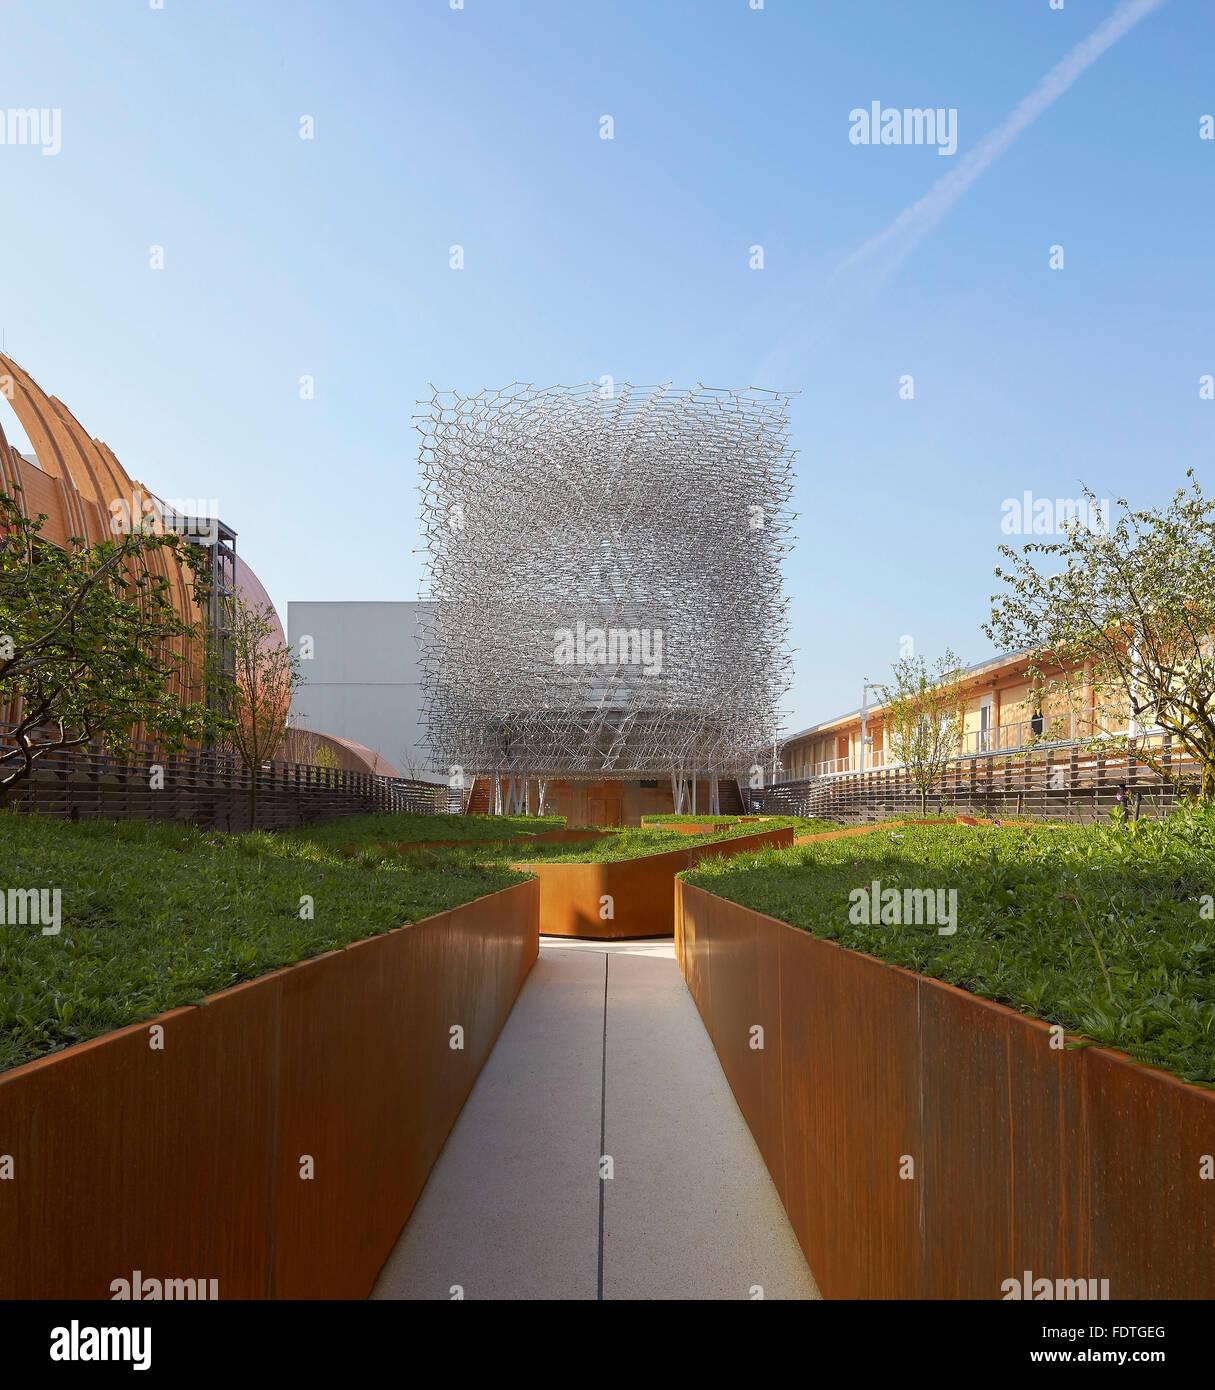 Corten Stahl Zaun Skizziert Angelegten Gehweg In Richtung Pavillon